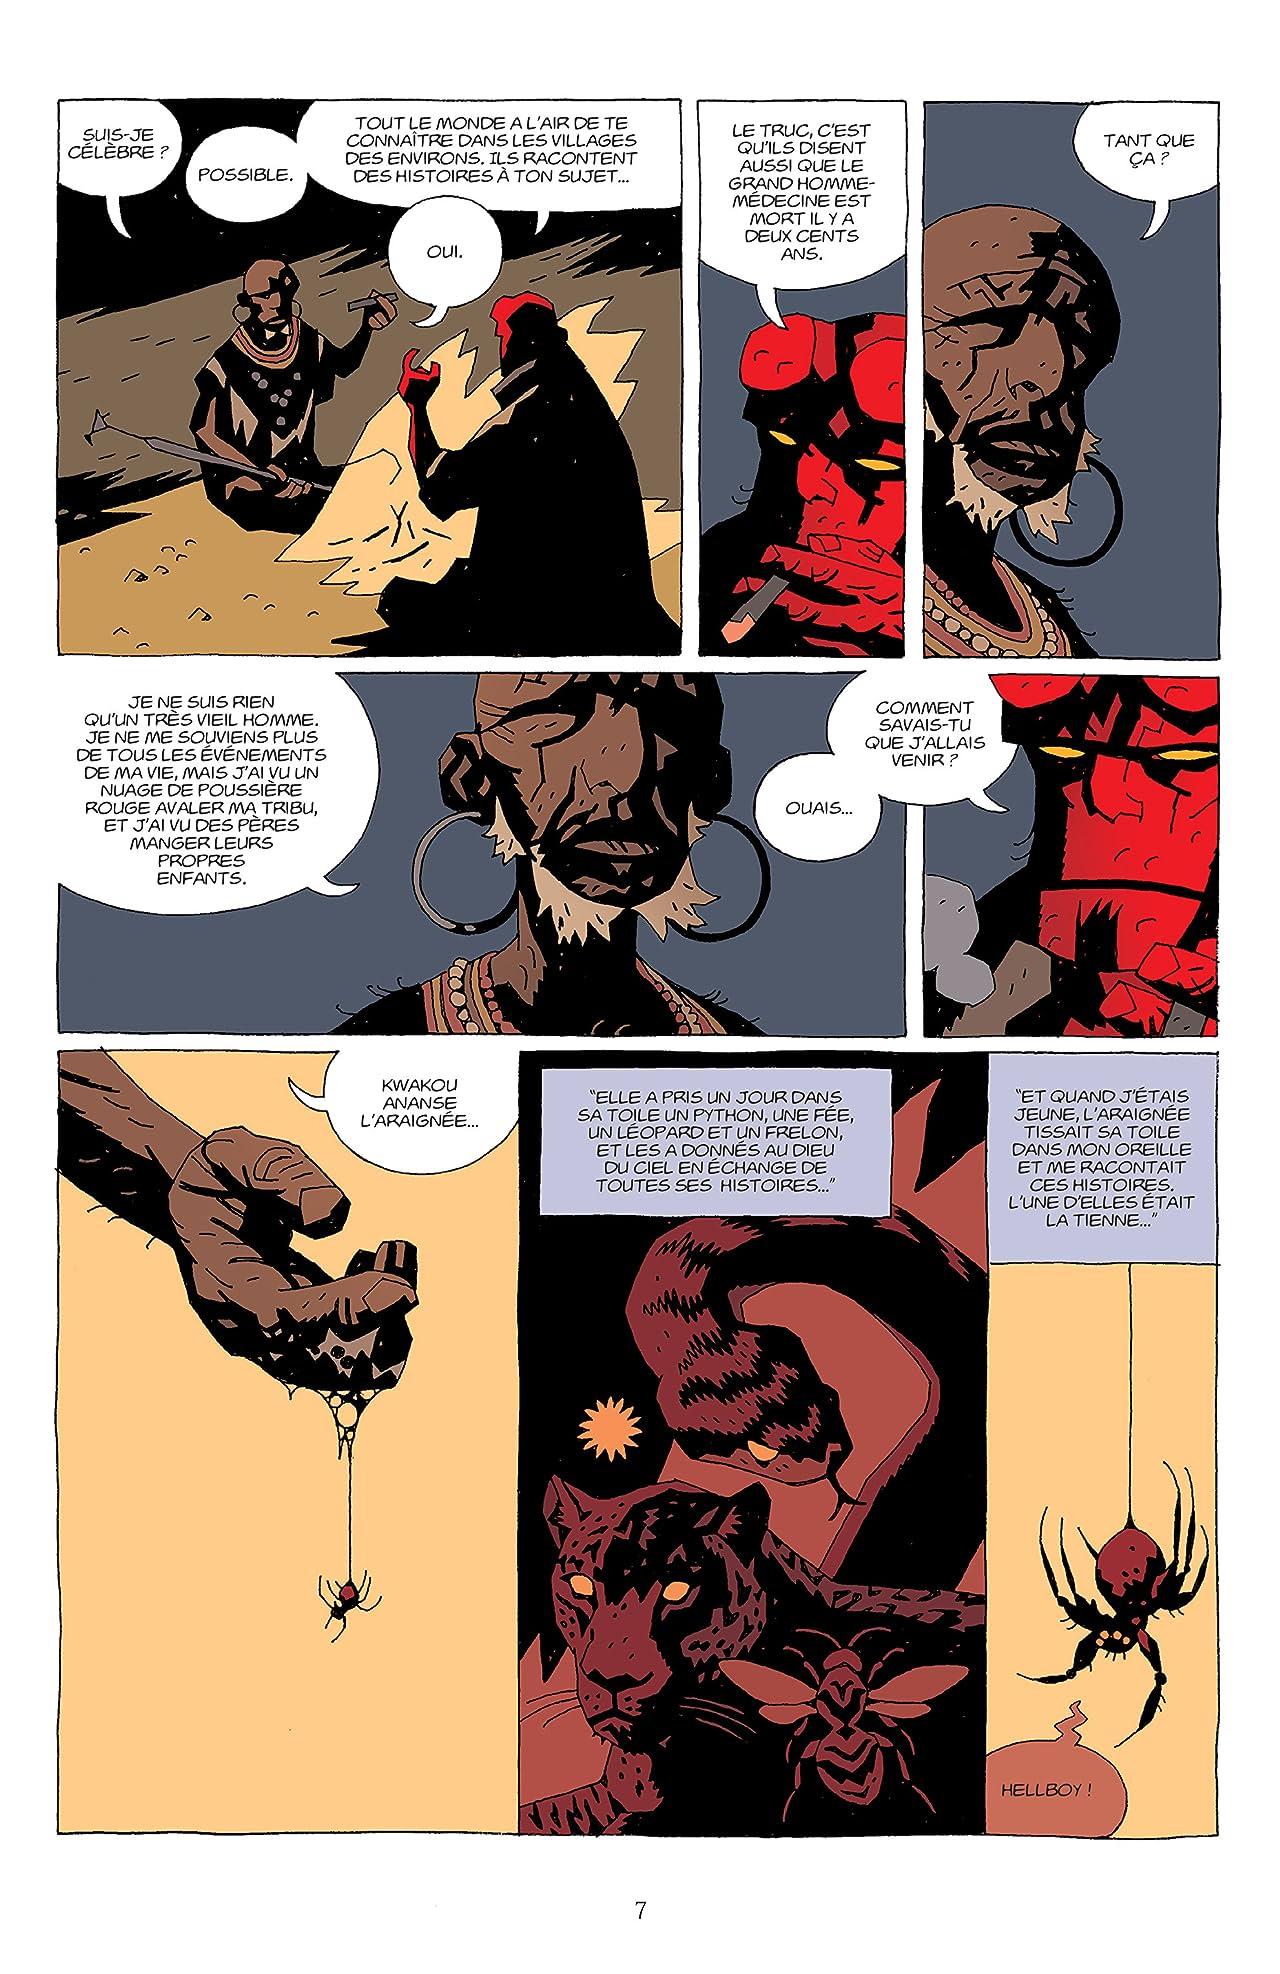 Hellboy Vol. 7: Le Troisième souhait